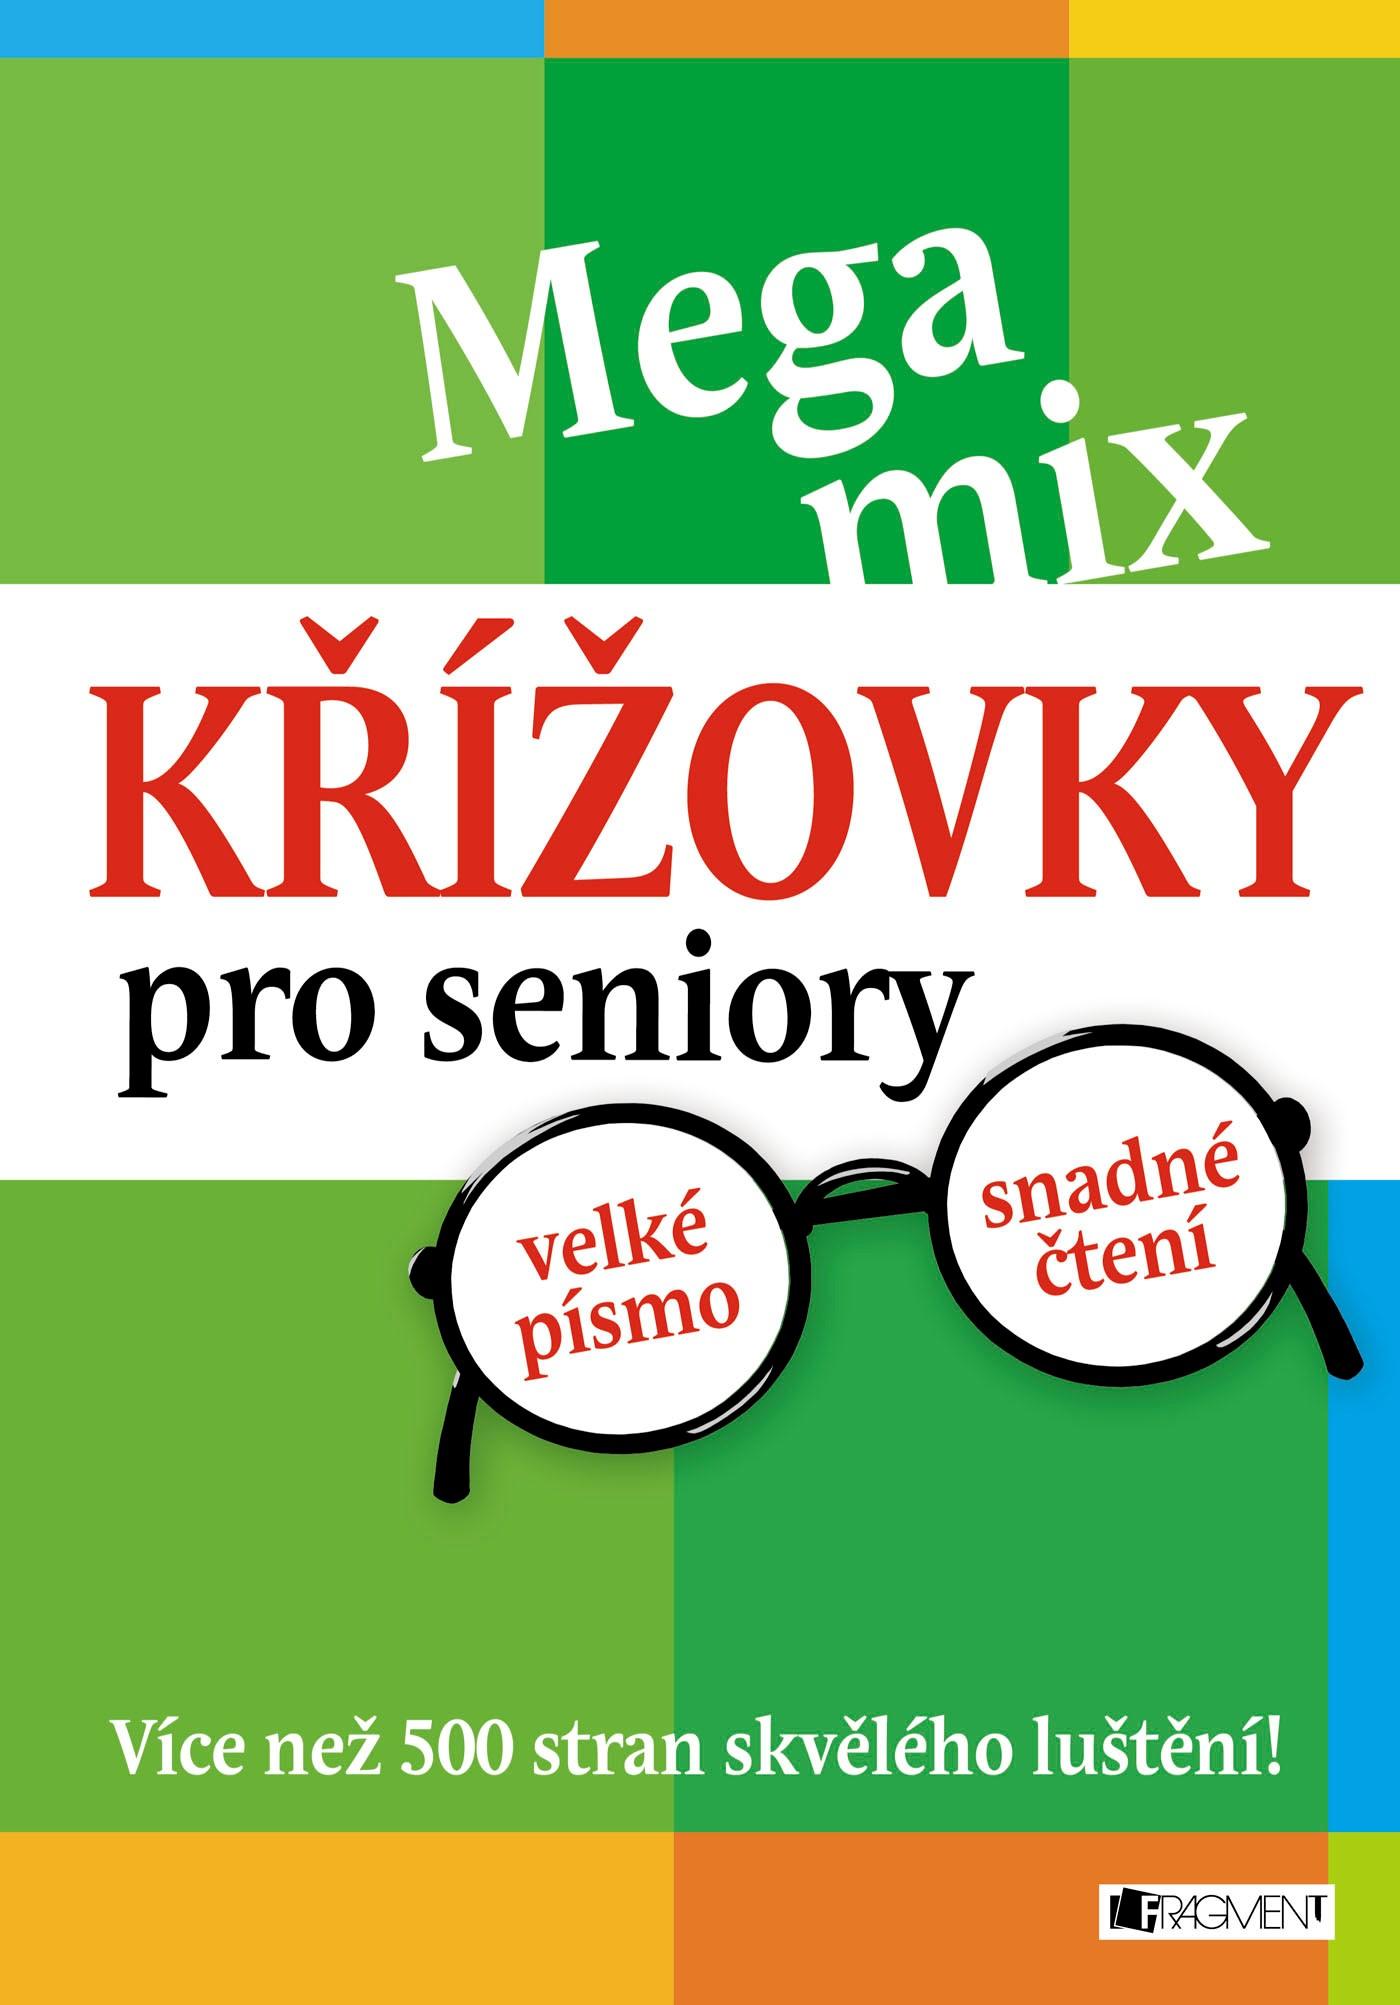 Mega mix - Křížovky pro seniory